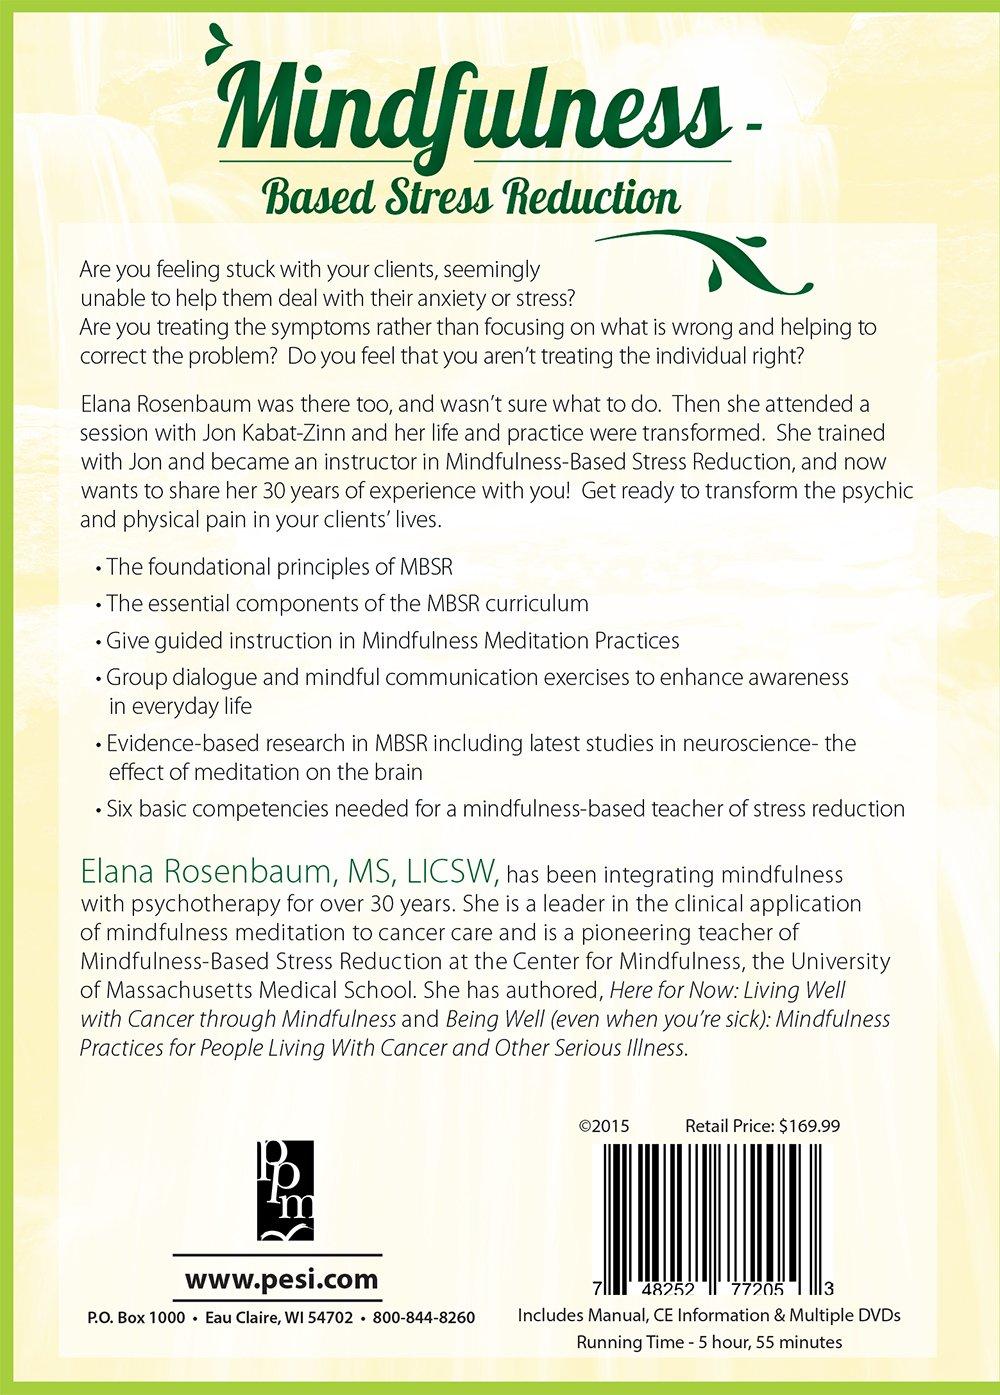 Amazon.com: Mindfulness Based Stress Reduction: Elana Rosenbaum ...